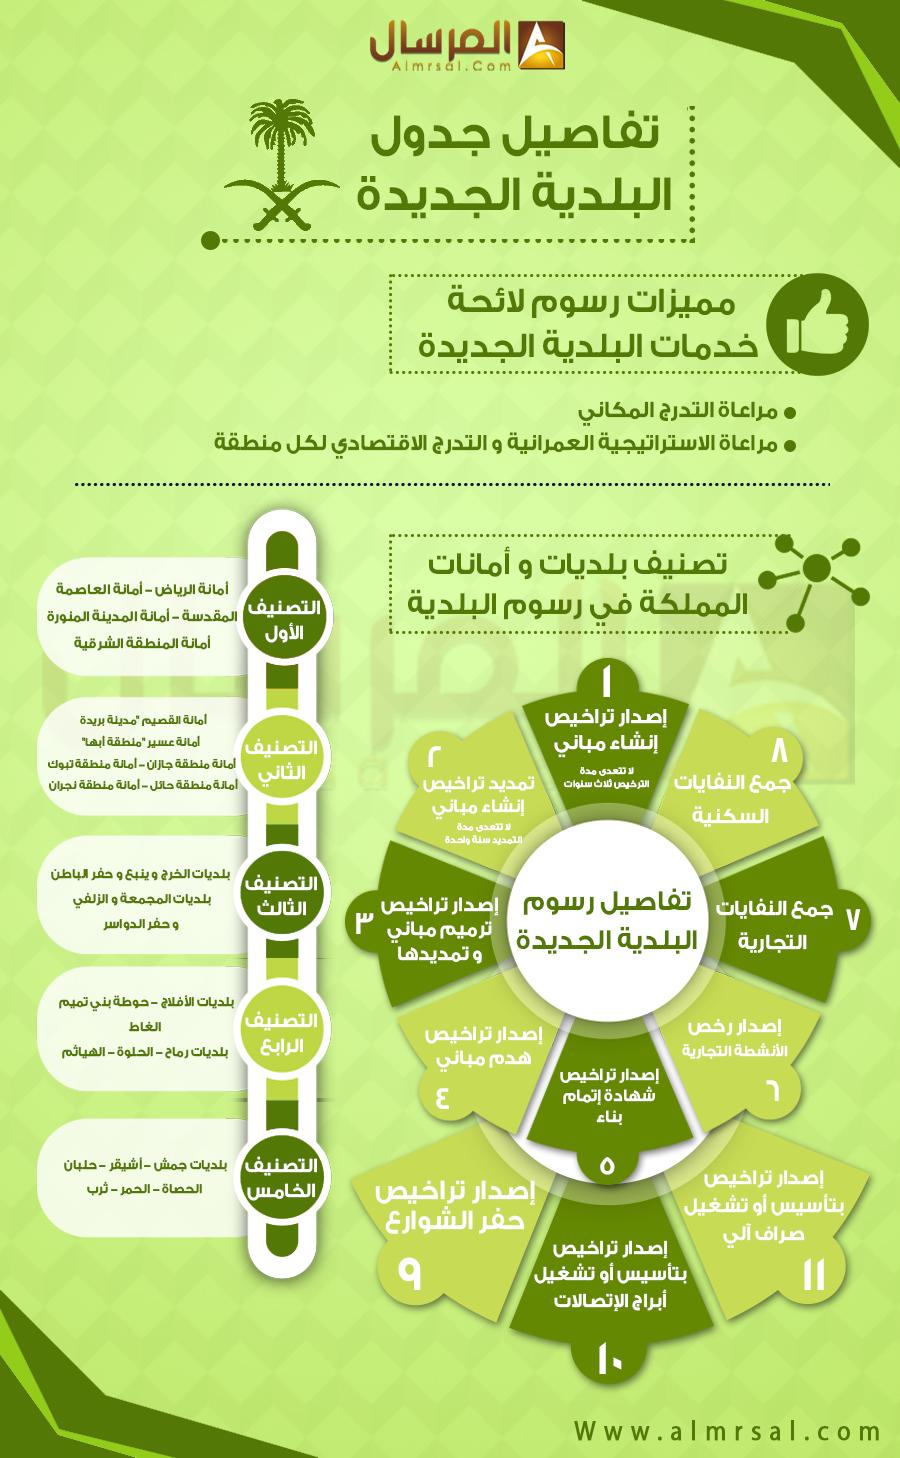 تفاصيل جدول رسوم البلدية الجديدة المرسال